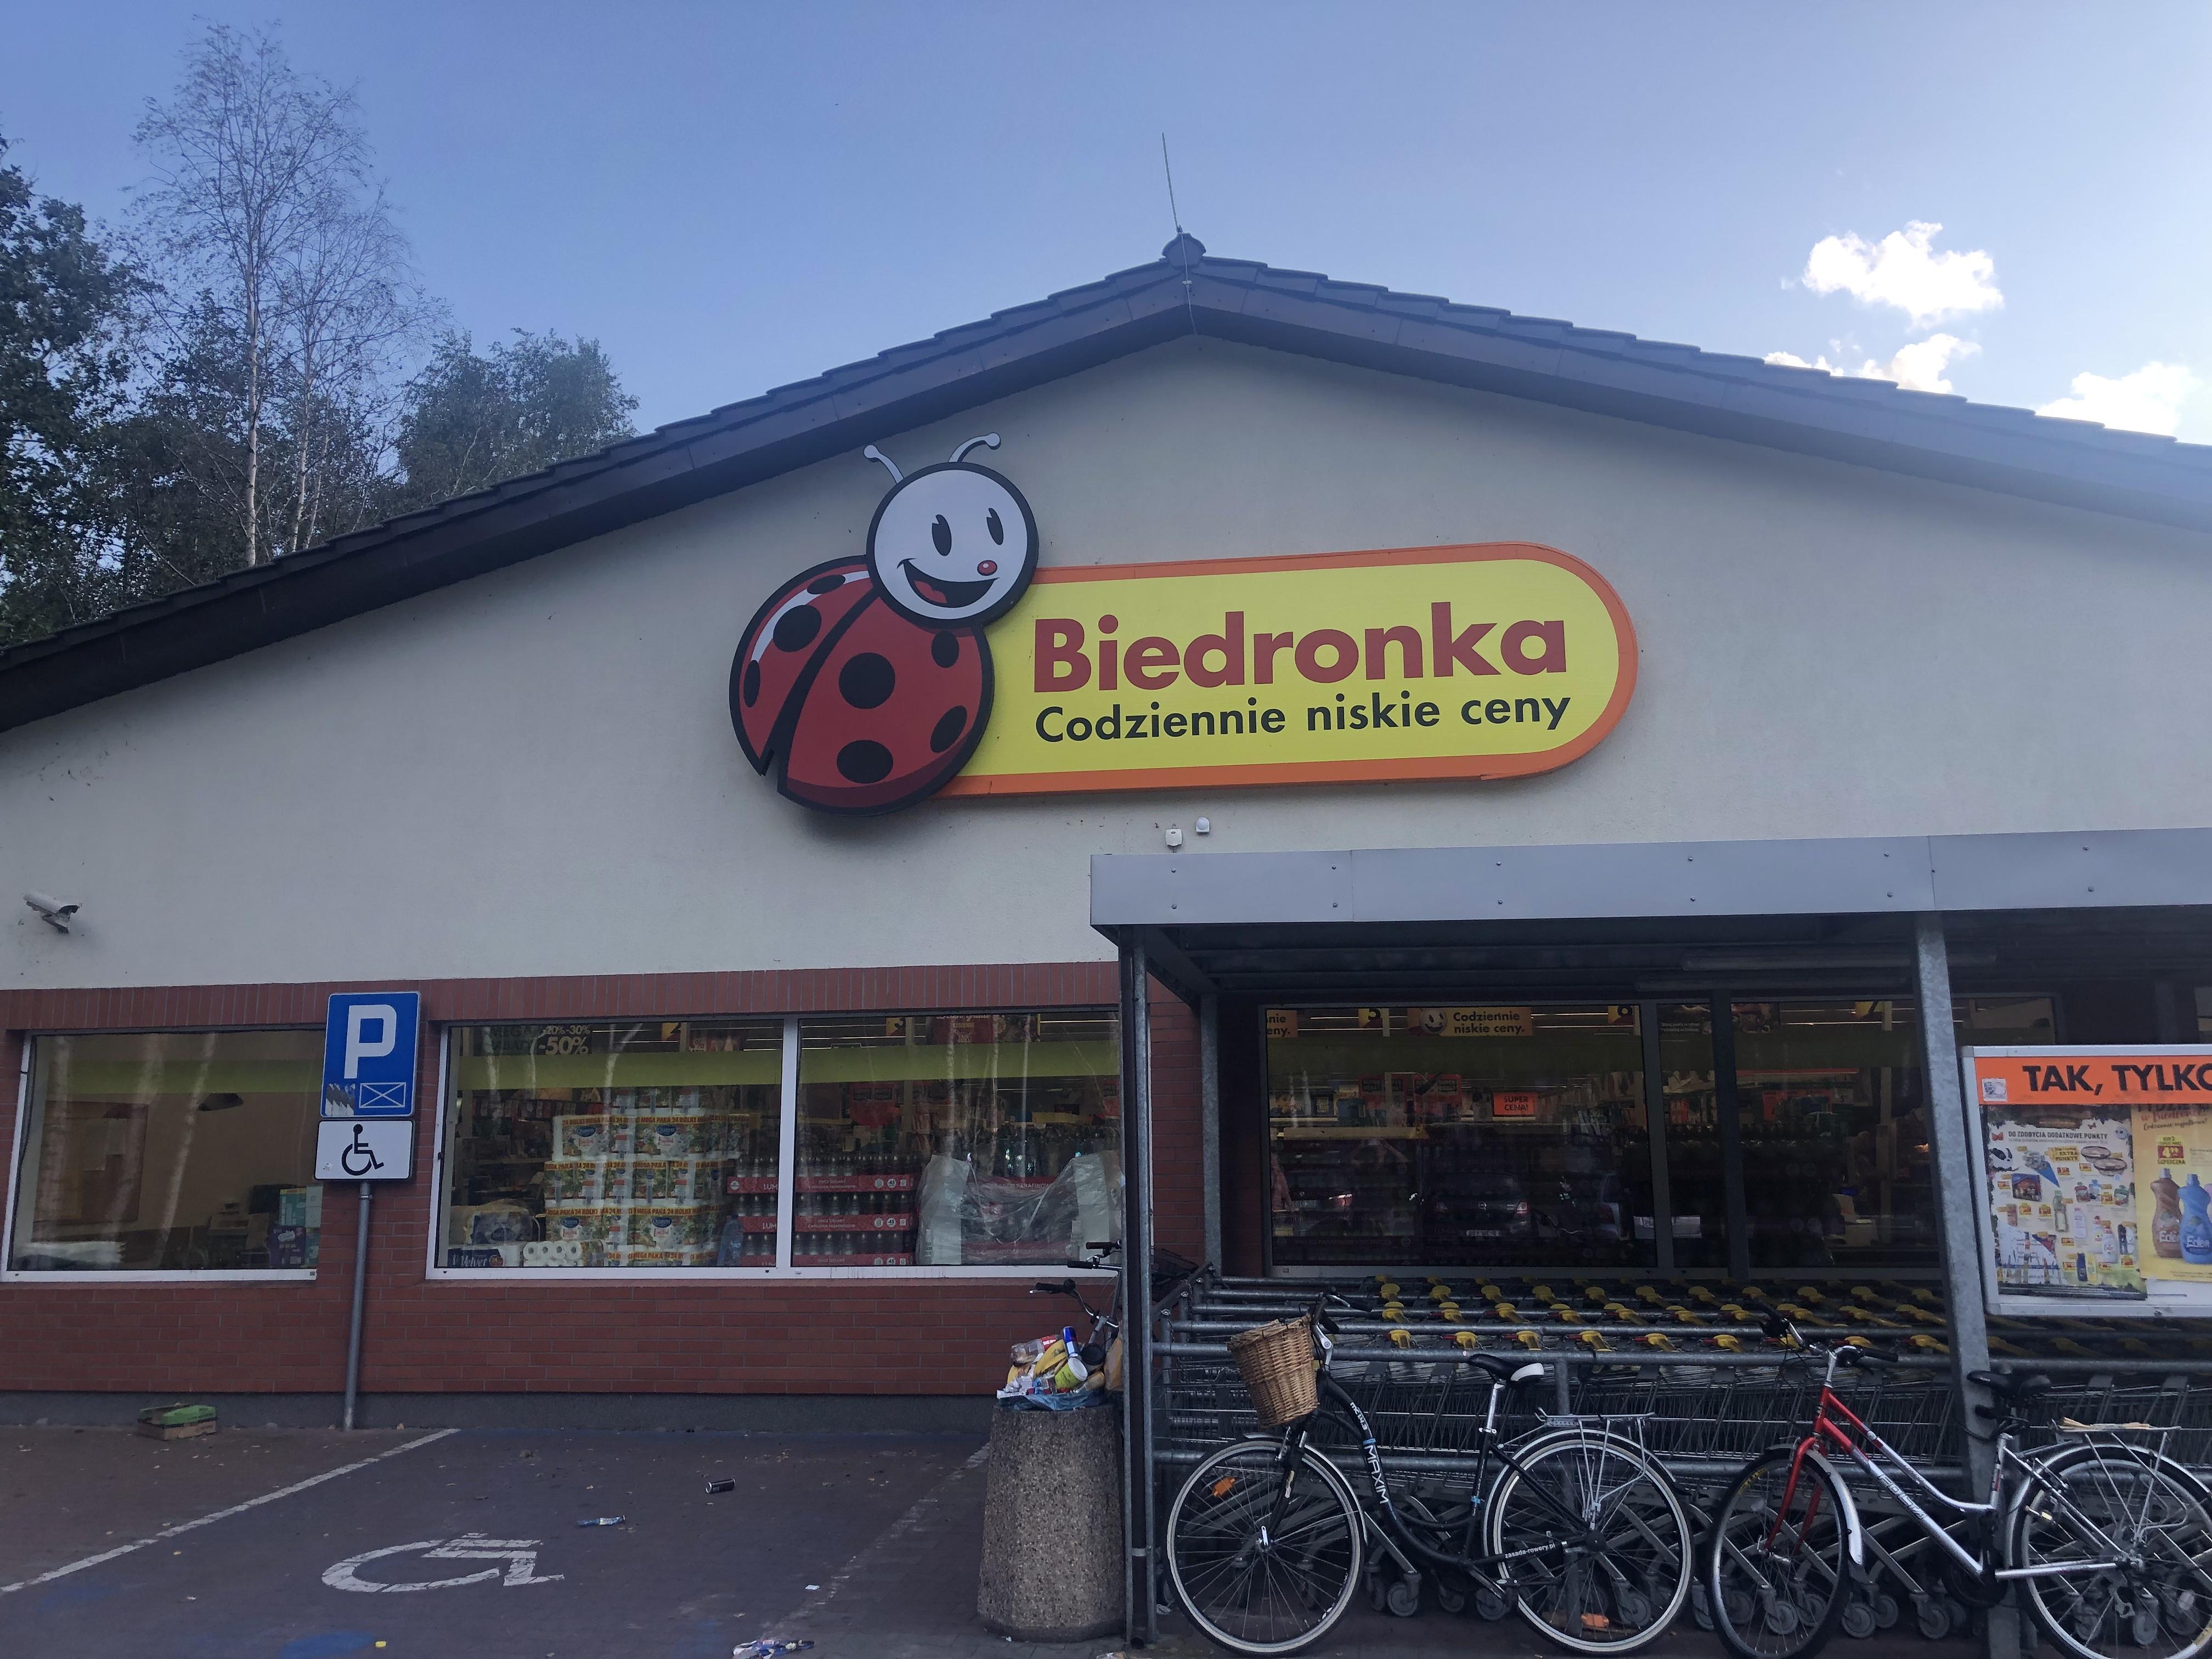 Biedronka heisst der Supermarkt in Hel in Polen